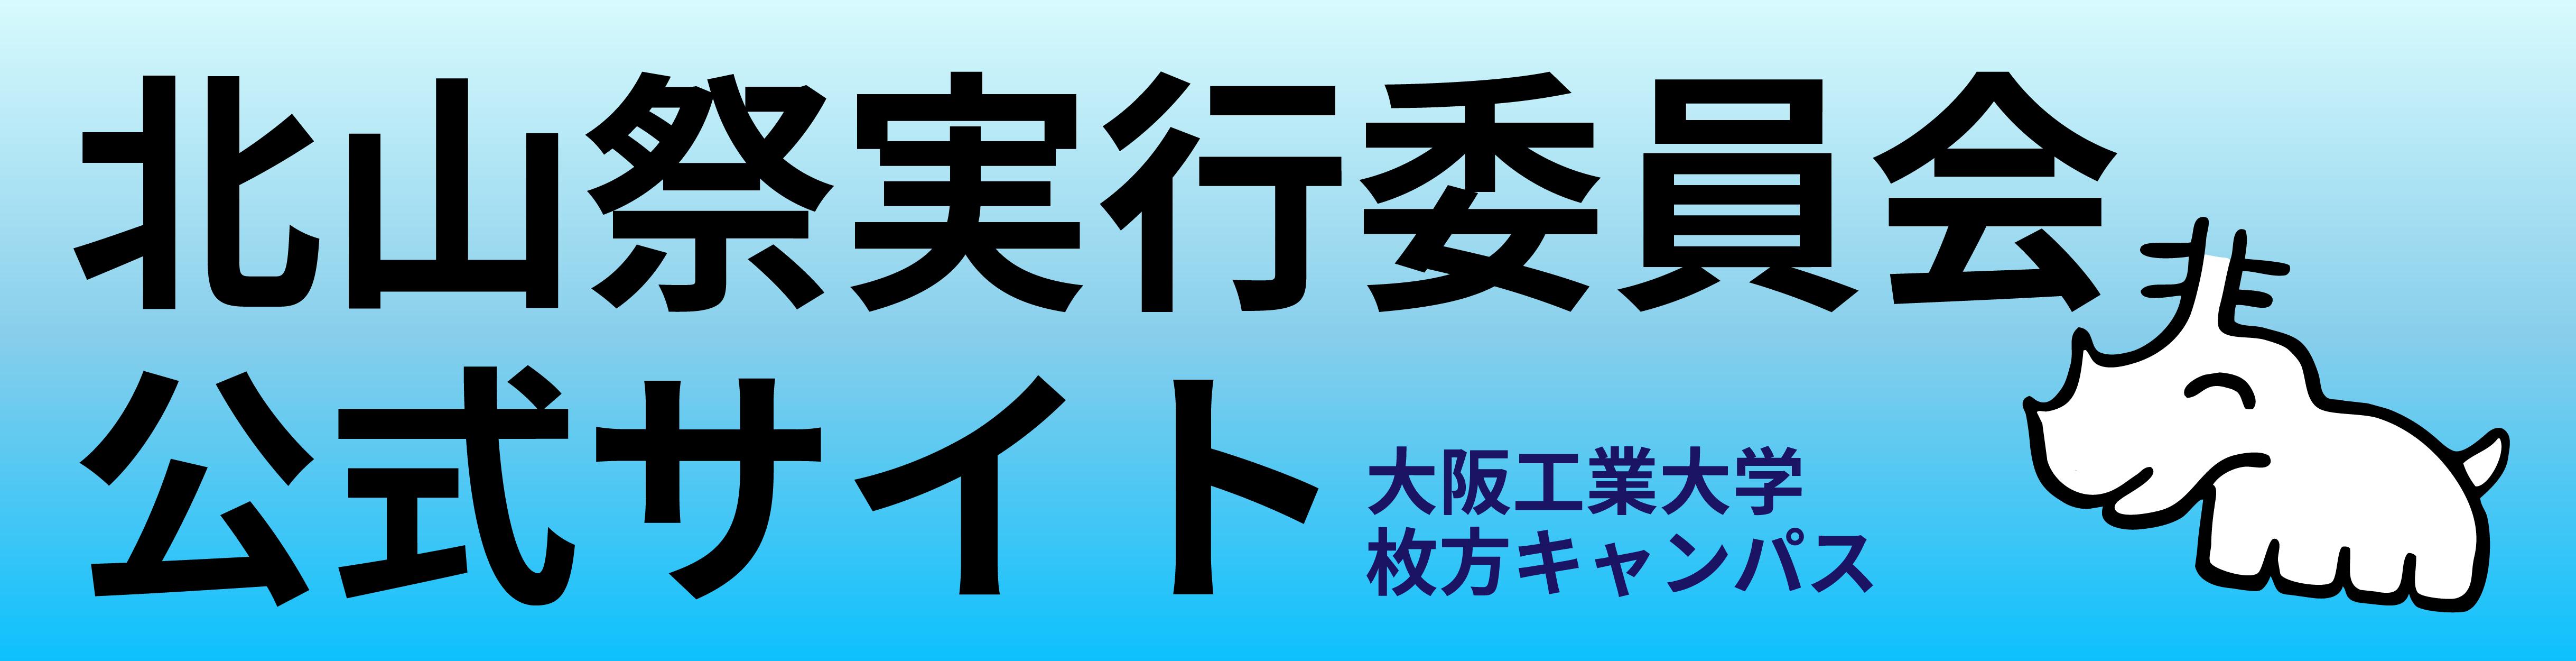 北山祭実行委員会